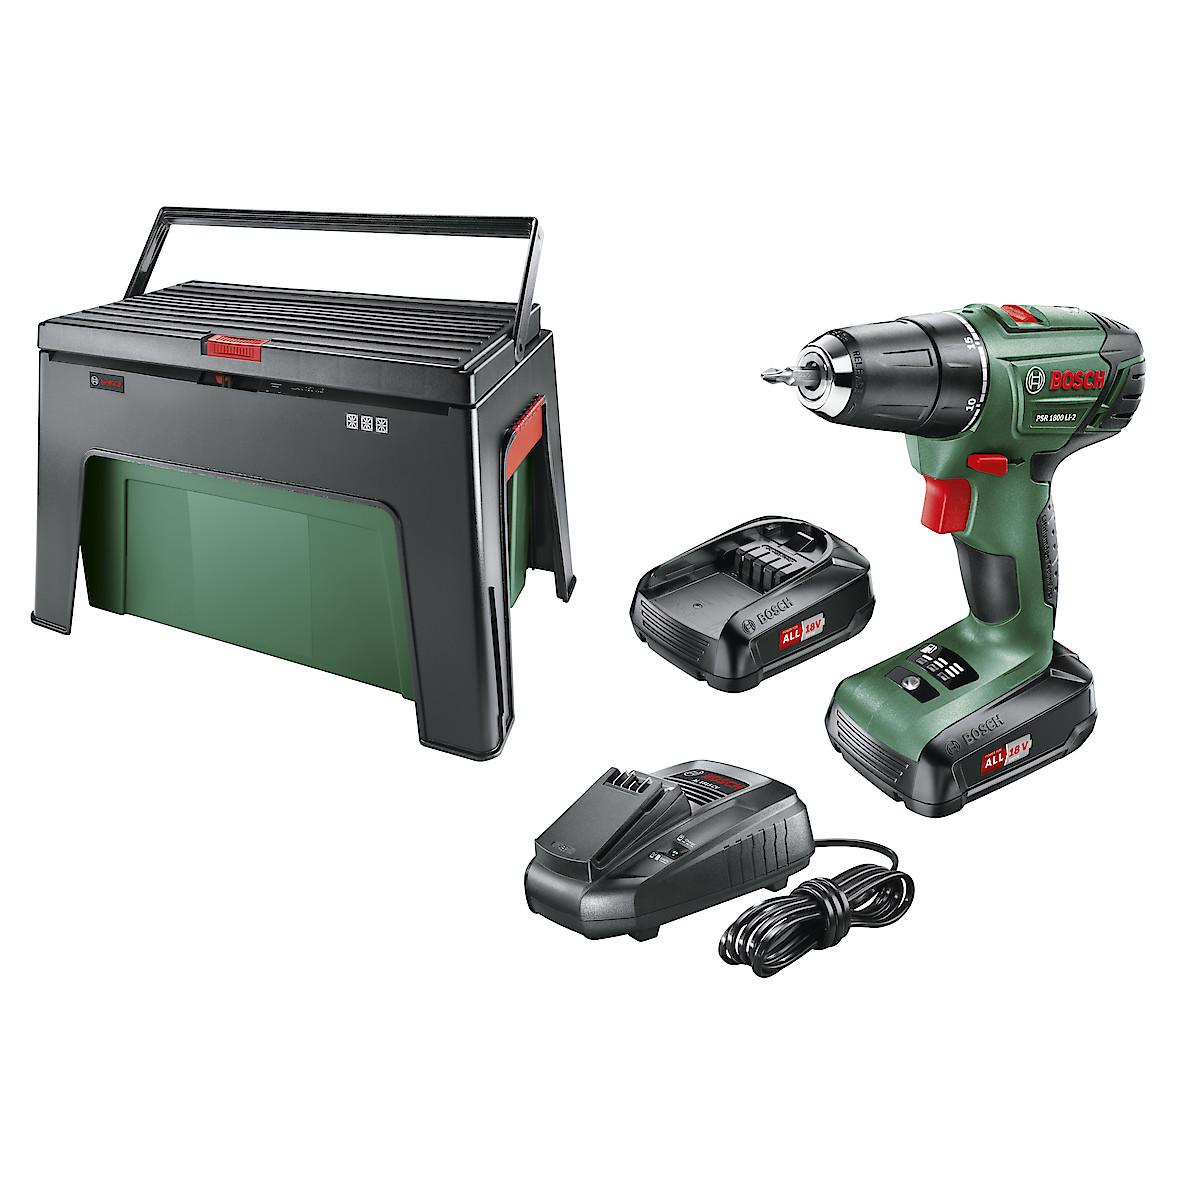 Skruvdragare Bosch PSR 1800 LI-2 med Step & Workbox